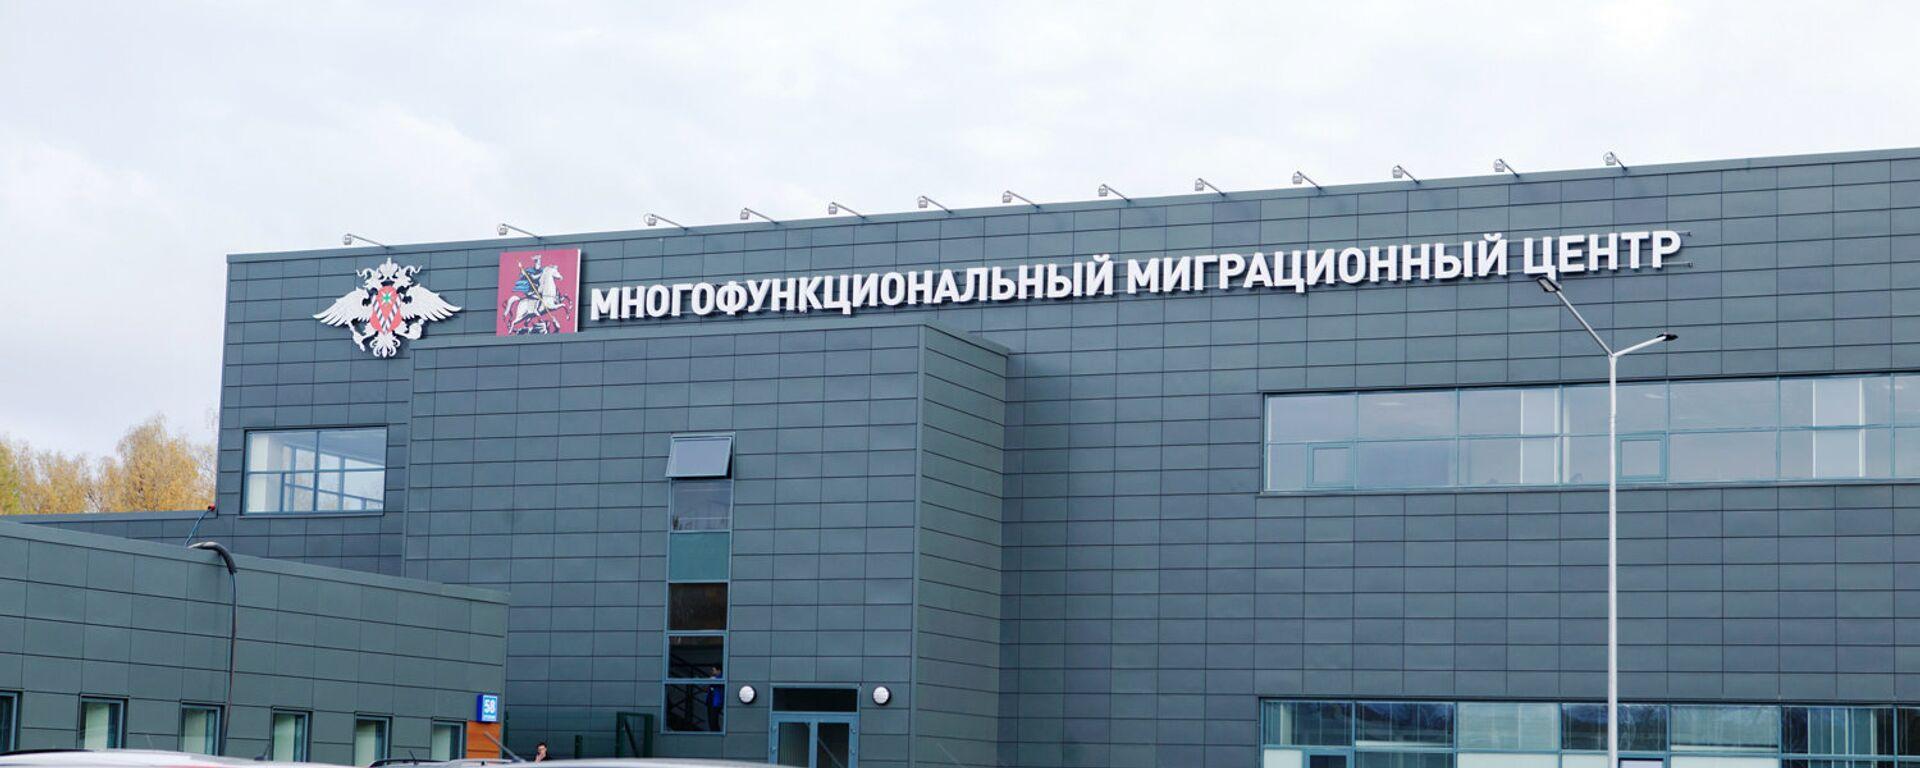 Многофункциональный миграционный центр в Москве - Sputnik Ўзбекистон, 1920, 01.10.2021